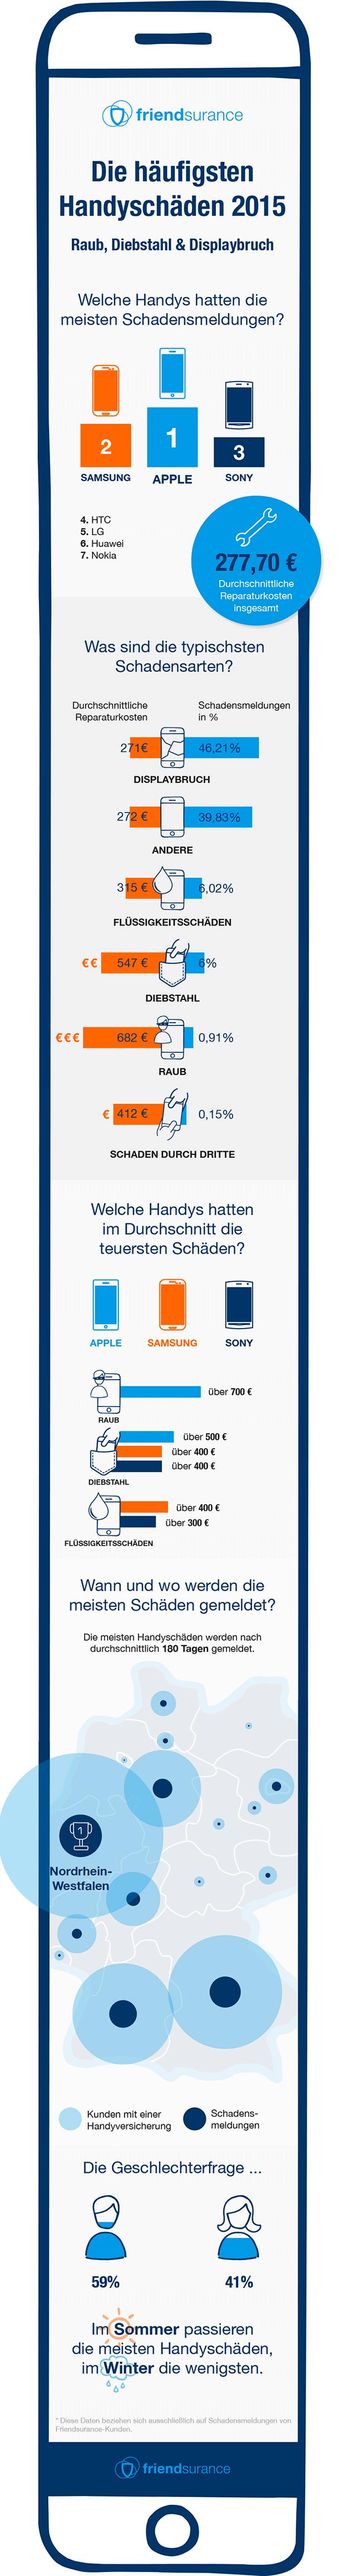 Die häufigsten Handyschäden 2015